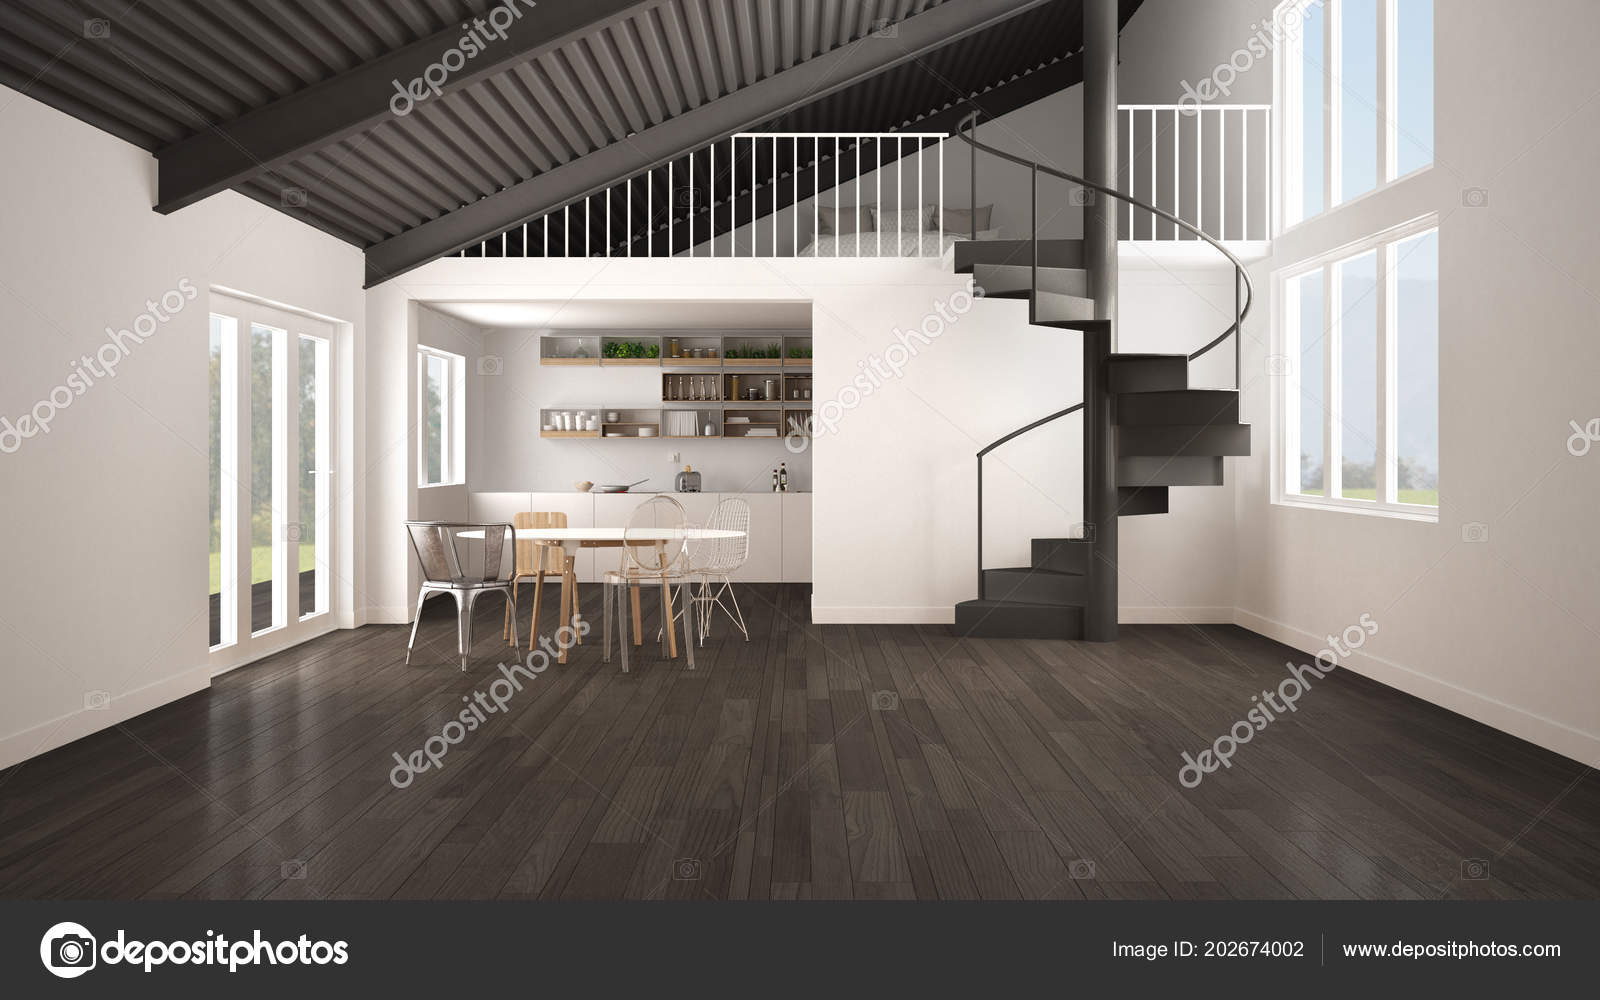 Minimalistische Freifläche Weißen Und Grauen Küche Mit Mezzanine Und ...